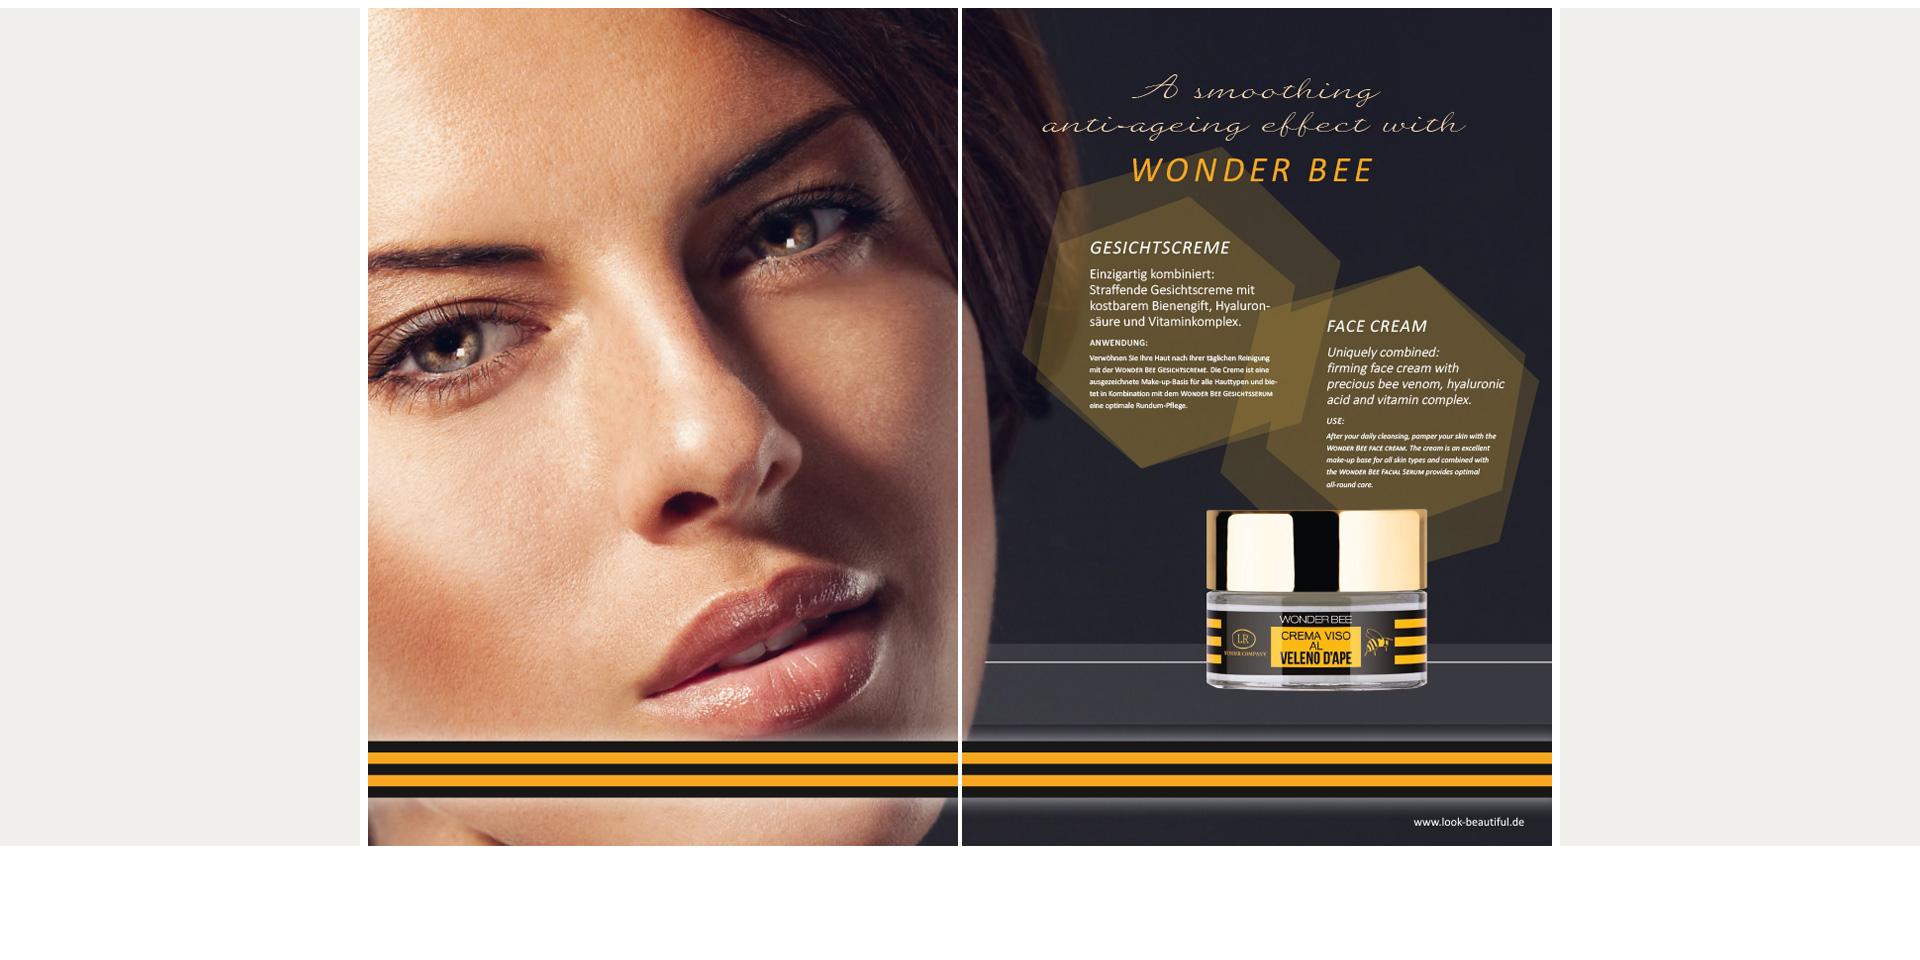 lr-wonder-katalog-03